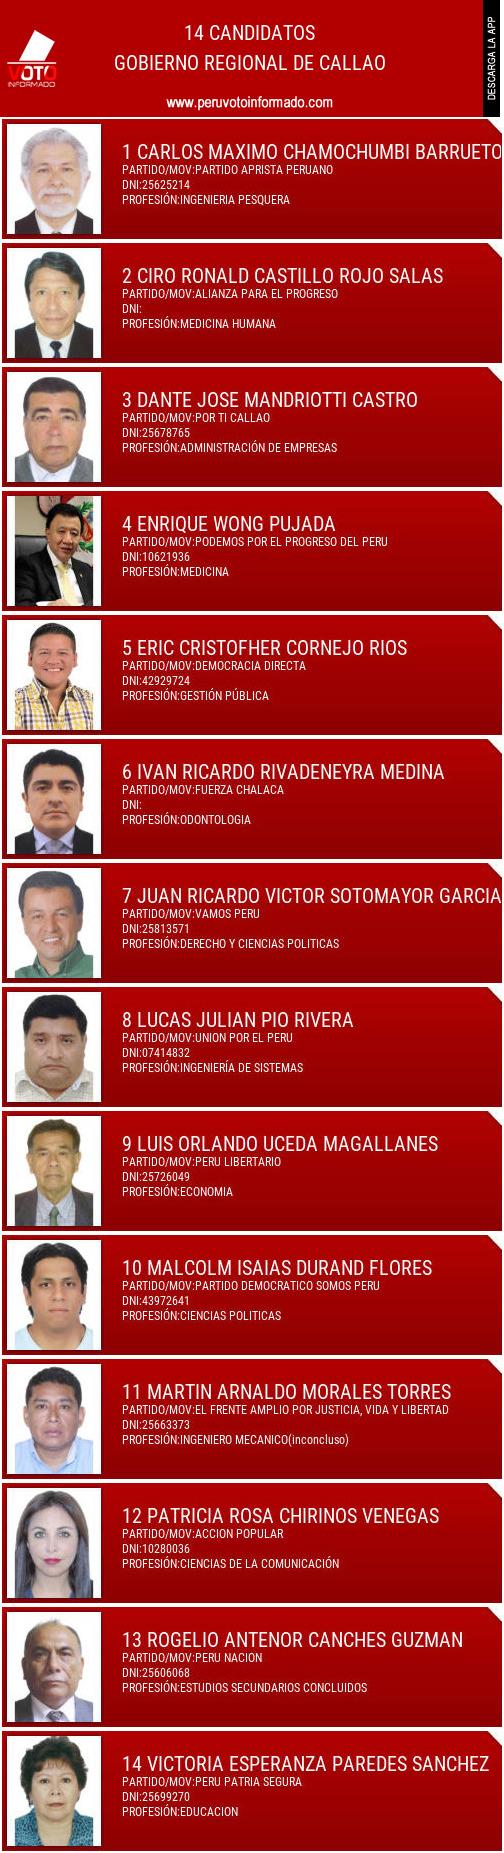 Gobierno regional de CALLAO